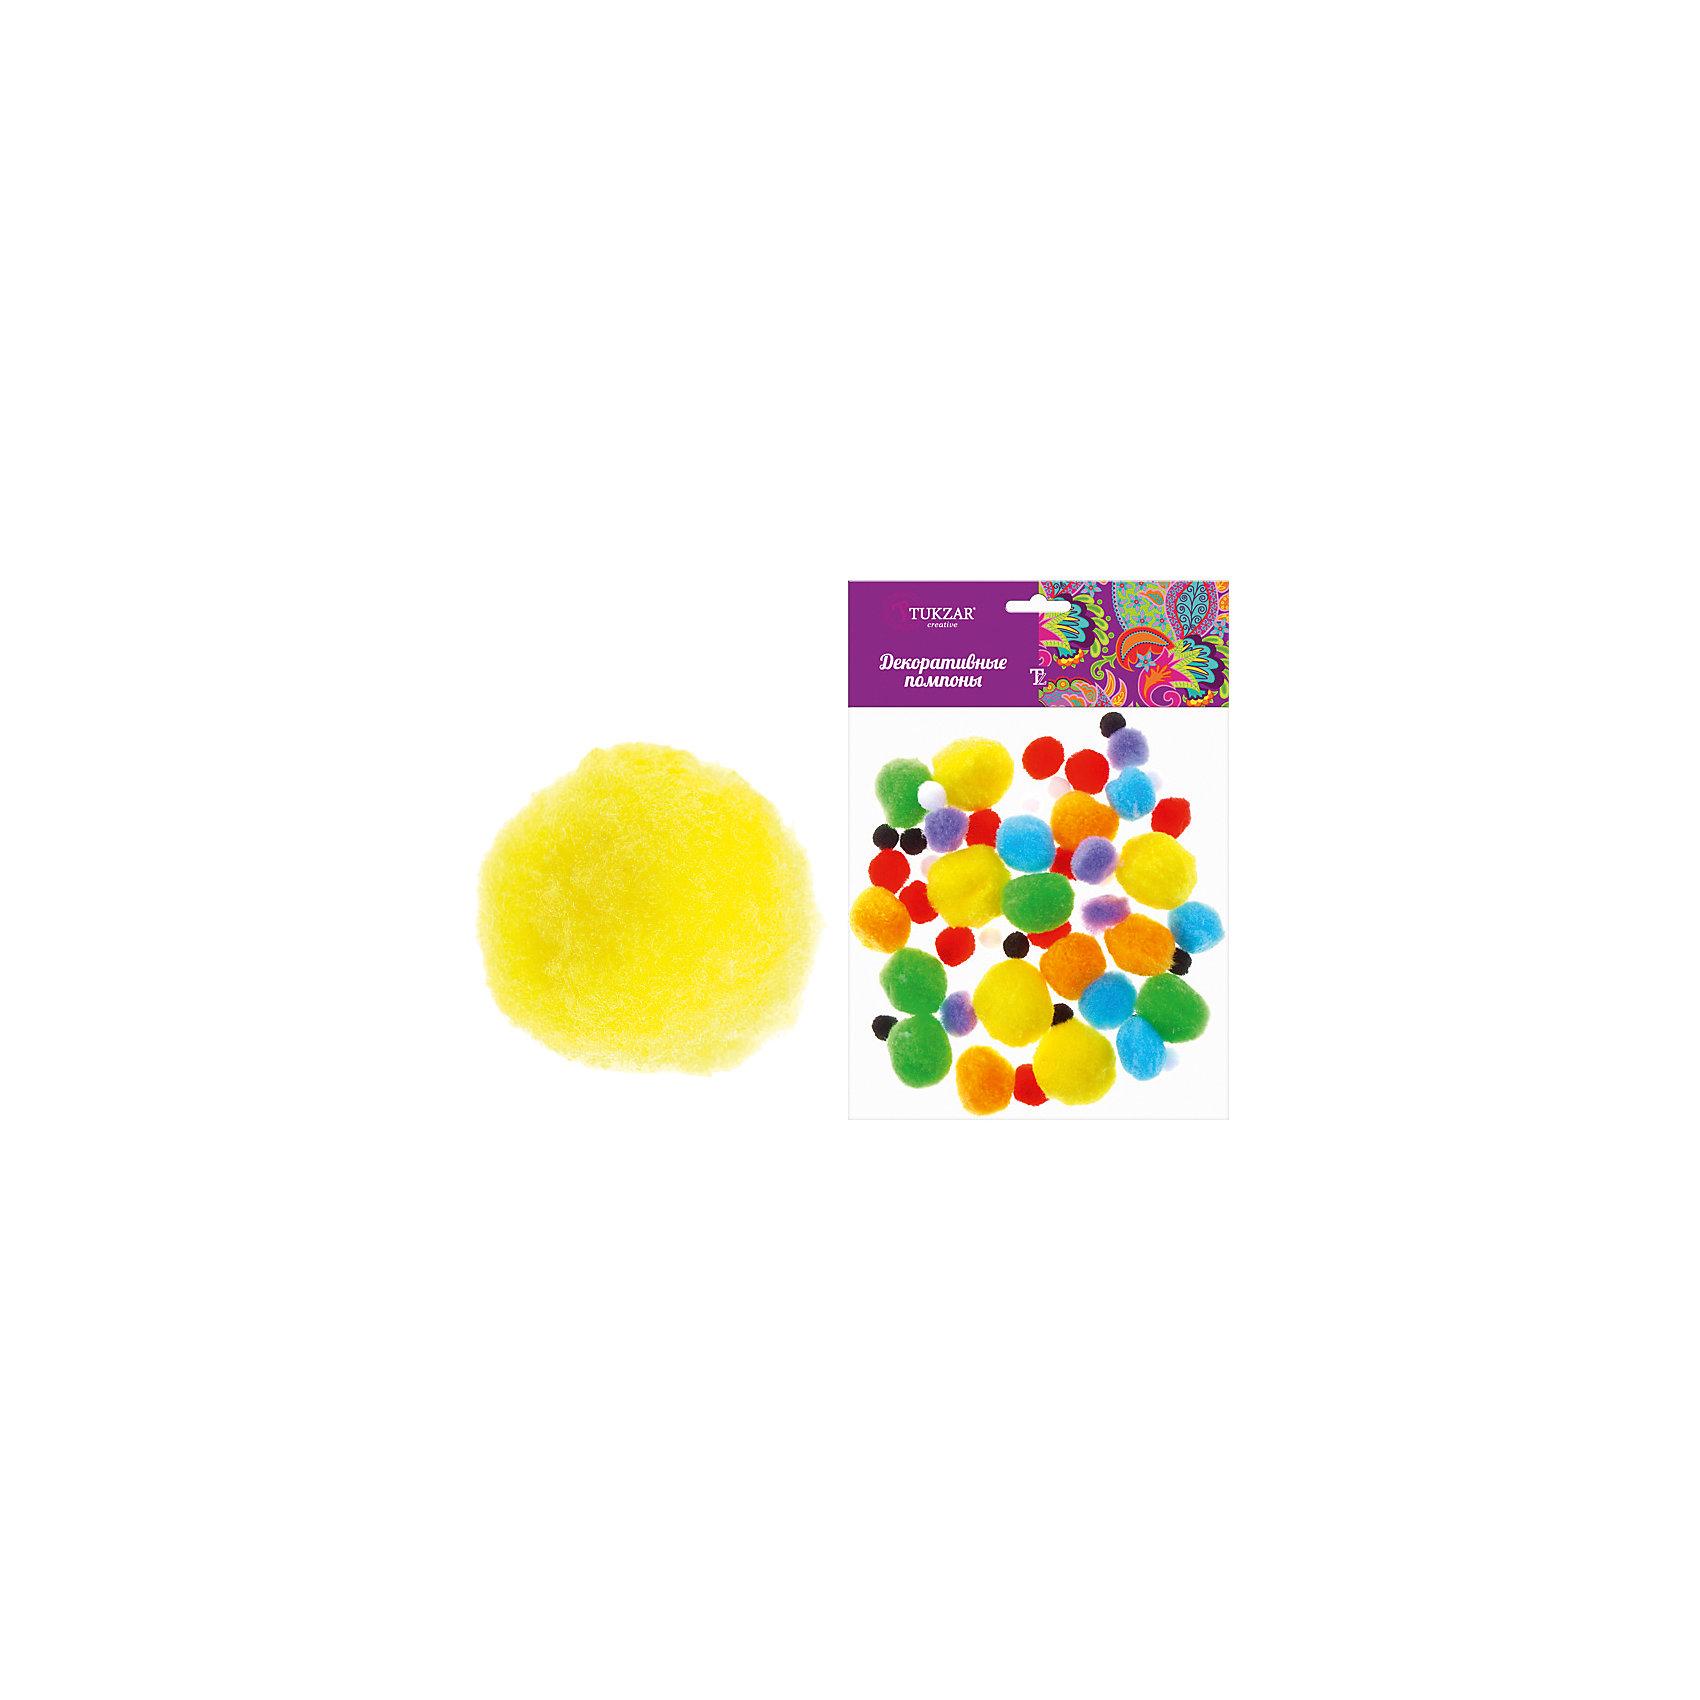 Декоративные помпоны, 55 шт, цвета в ассортименте